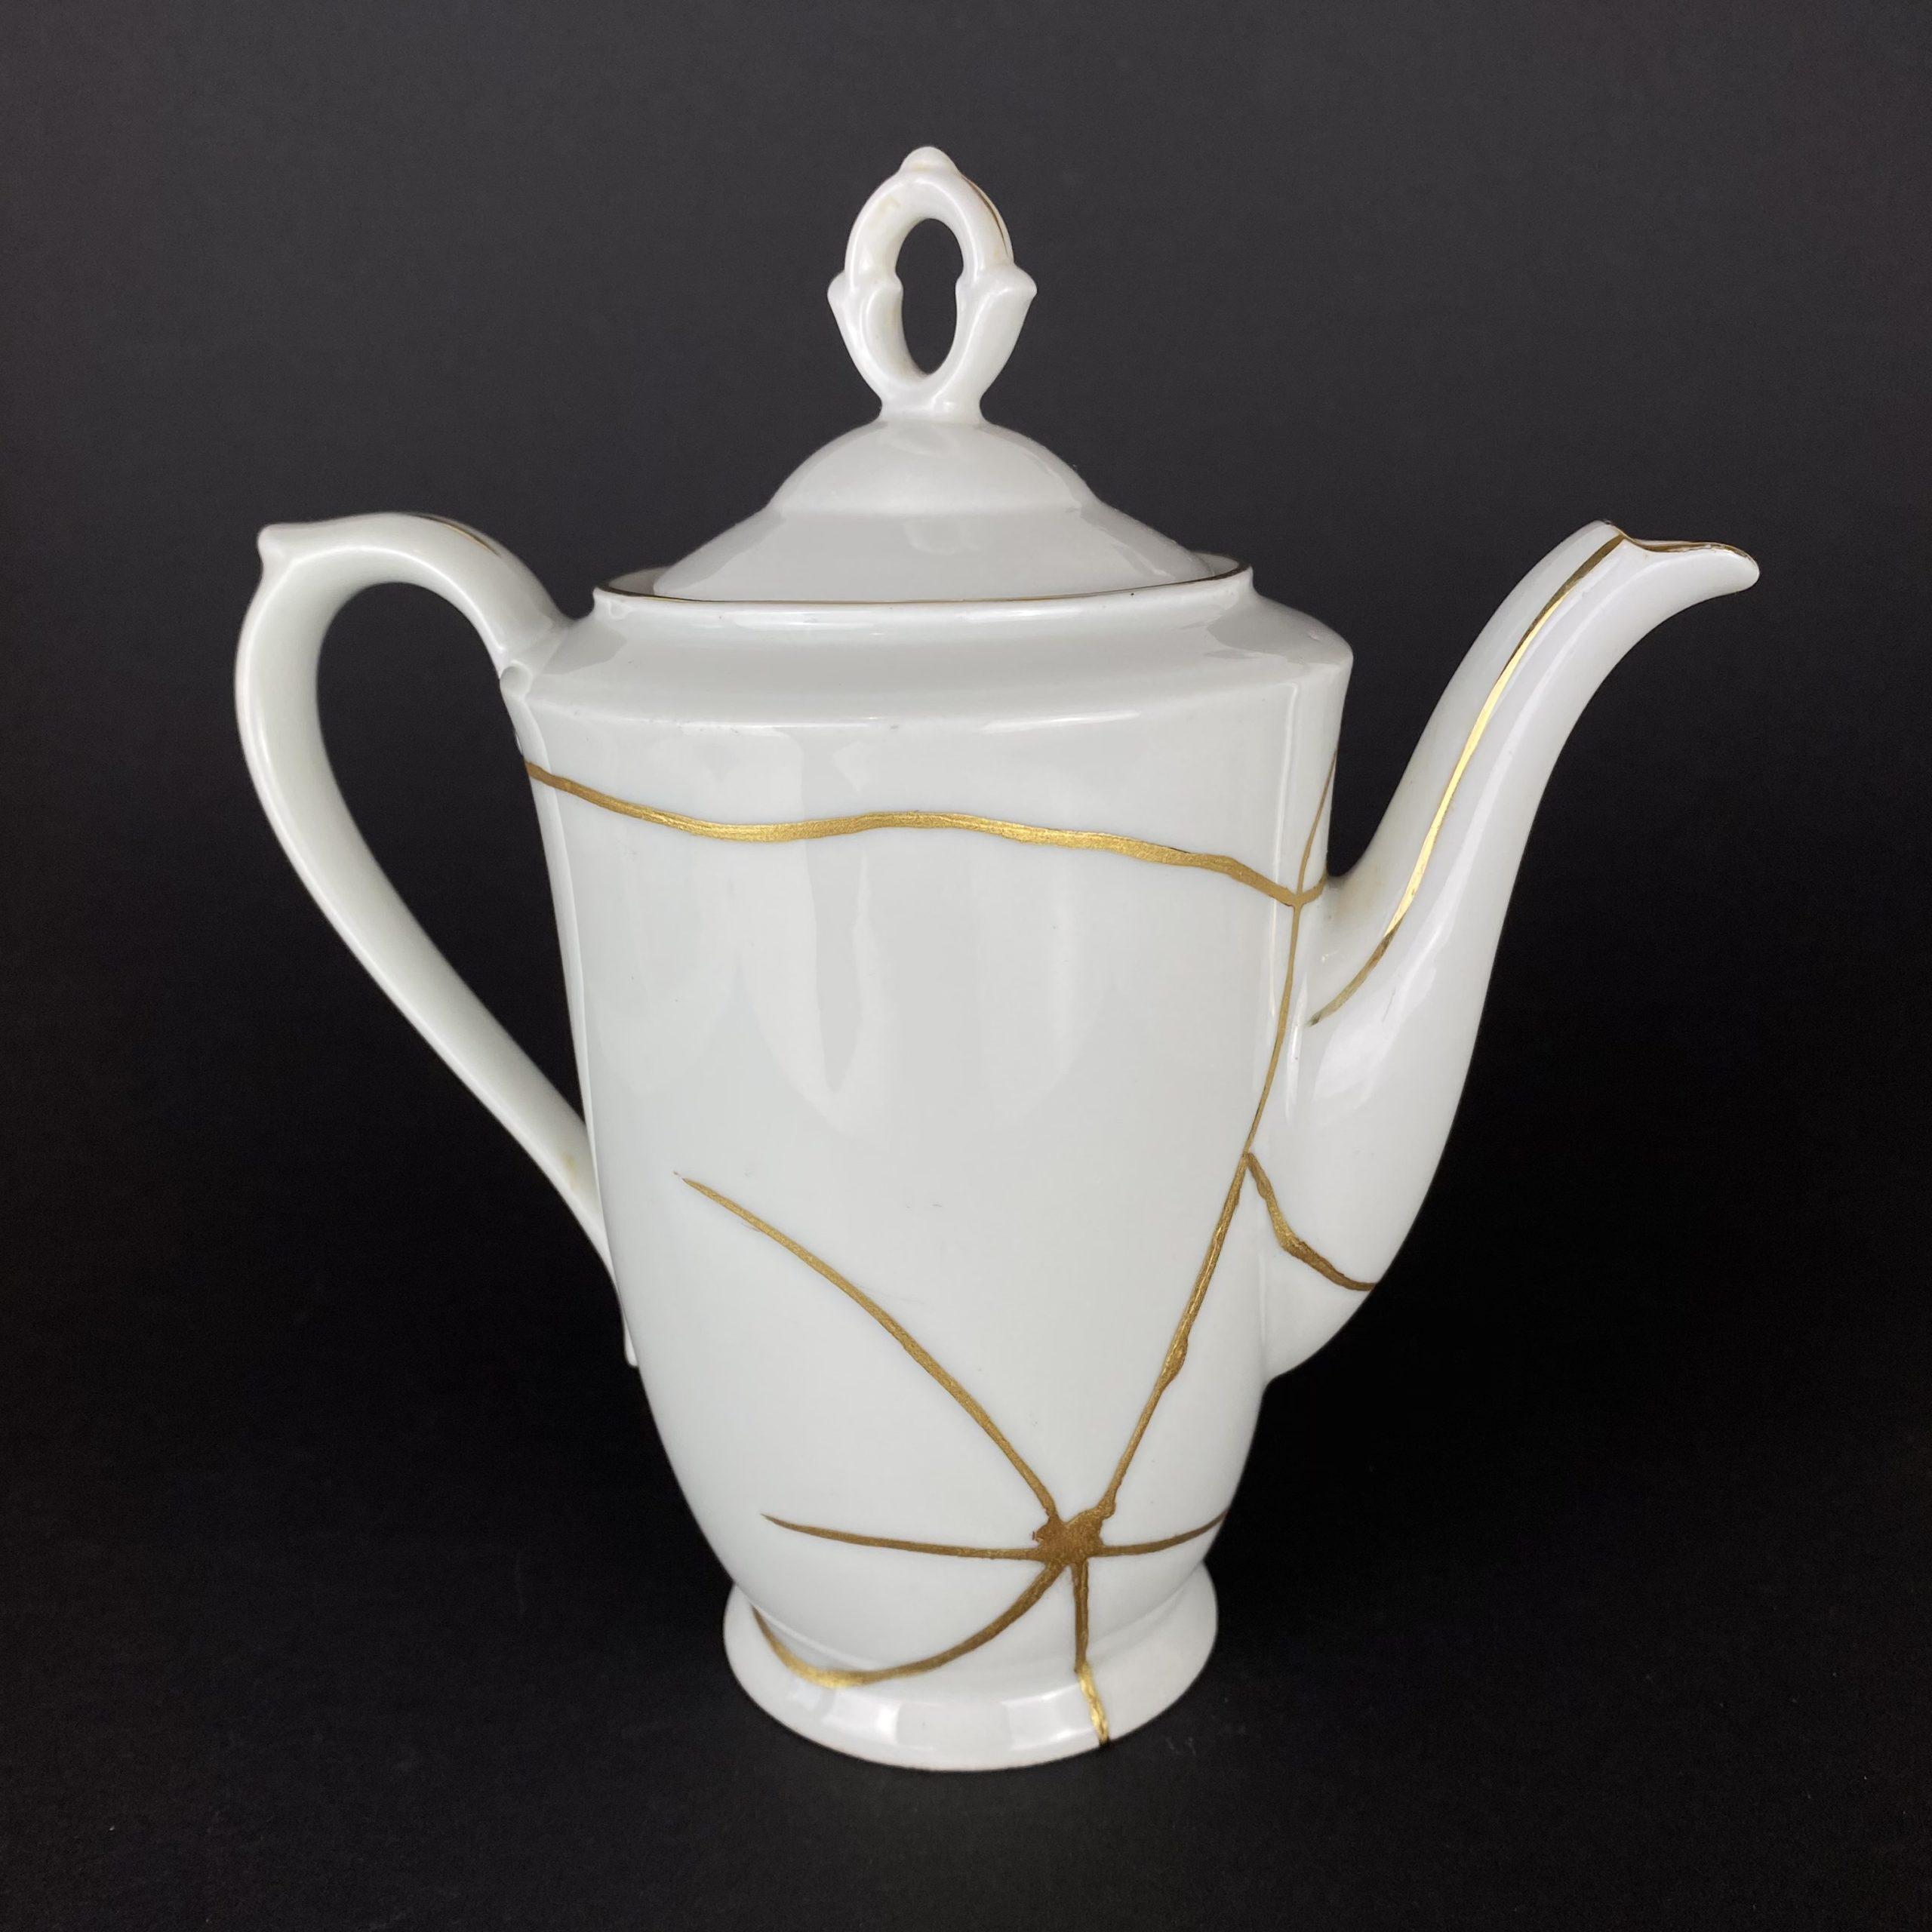 Eine weiße Kaffeekanne mit goldenen Klebenähten. Restauriert mit der Kintsugi-Technik.